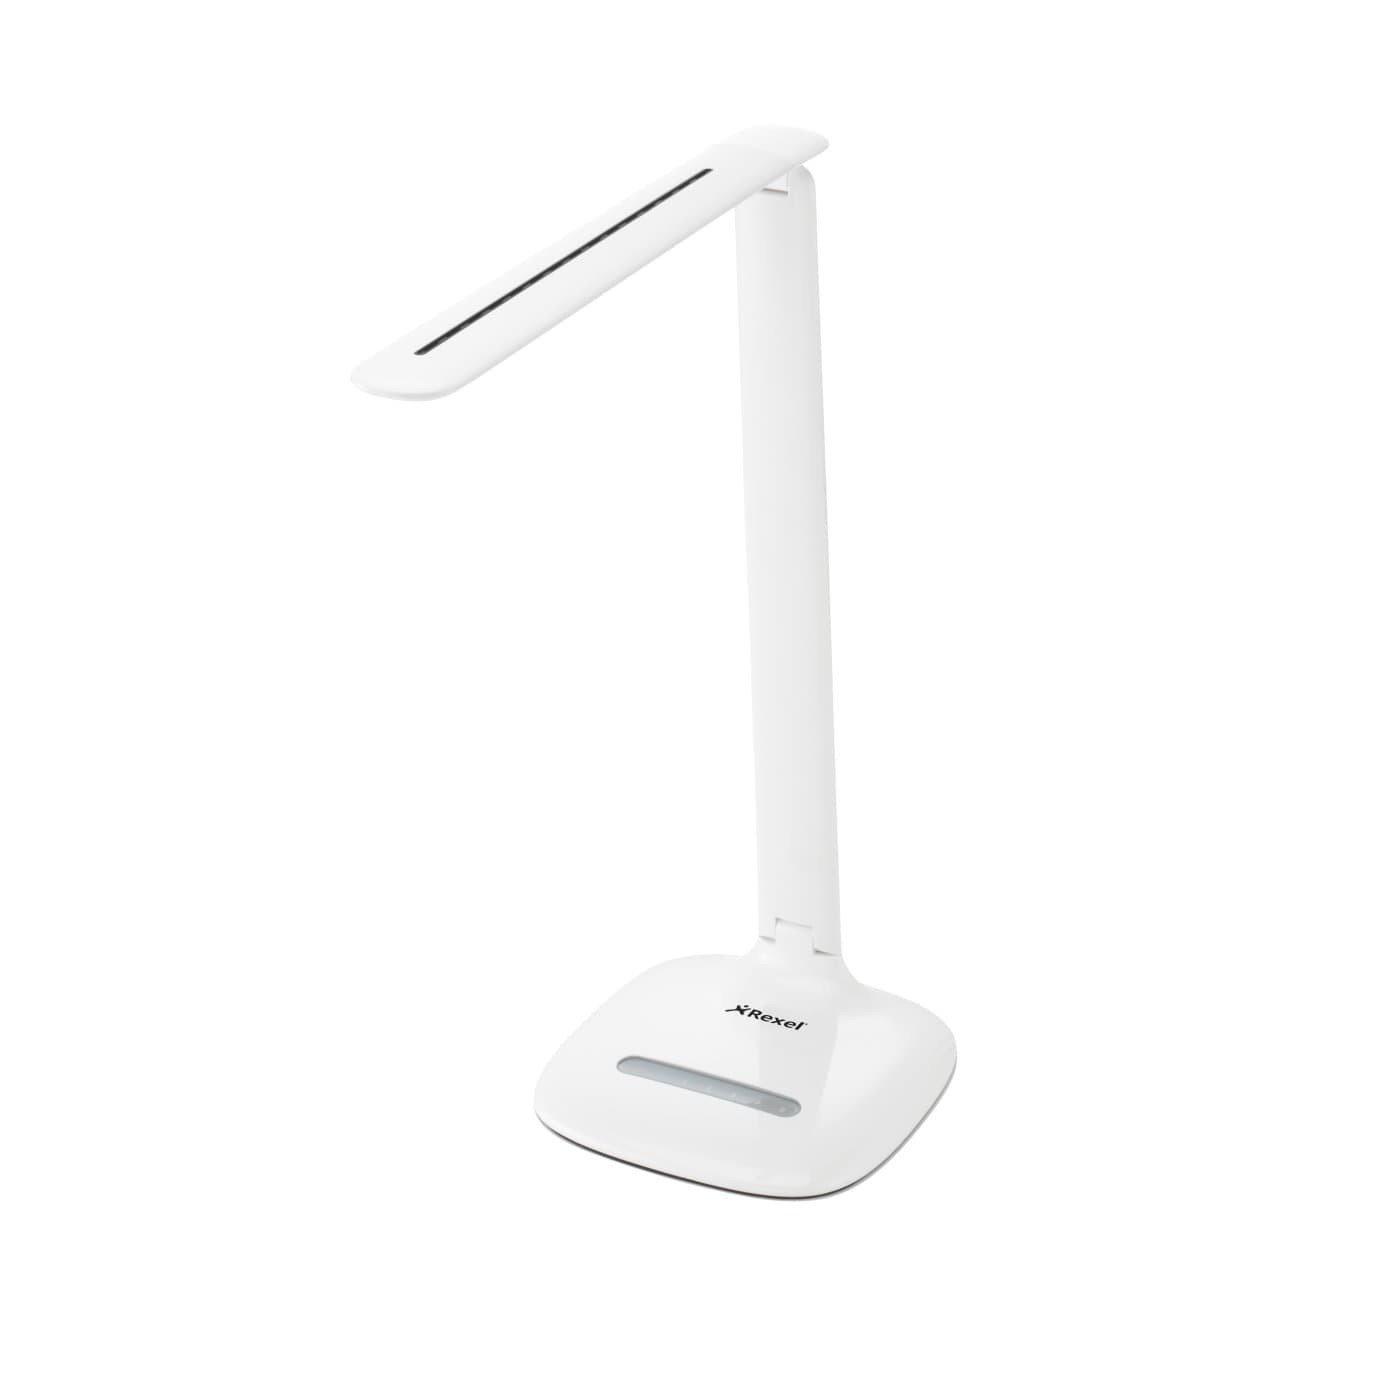 Настольная лампа дневного света Rexel Activita Strip (4402013EU) 420x380x48 белый фото